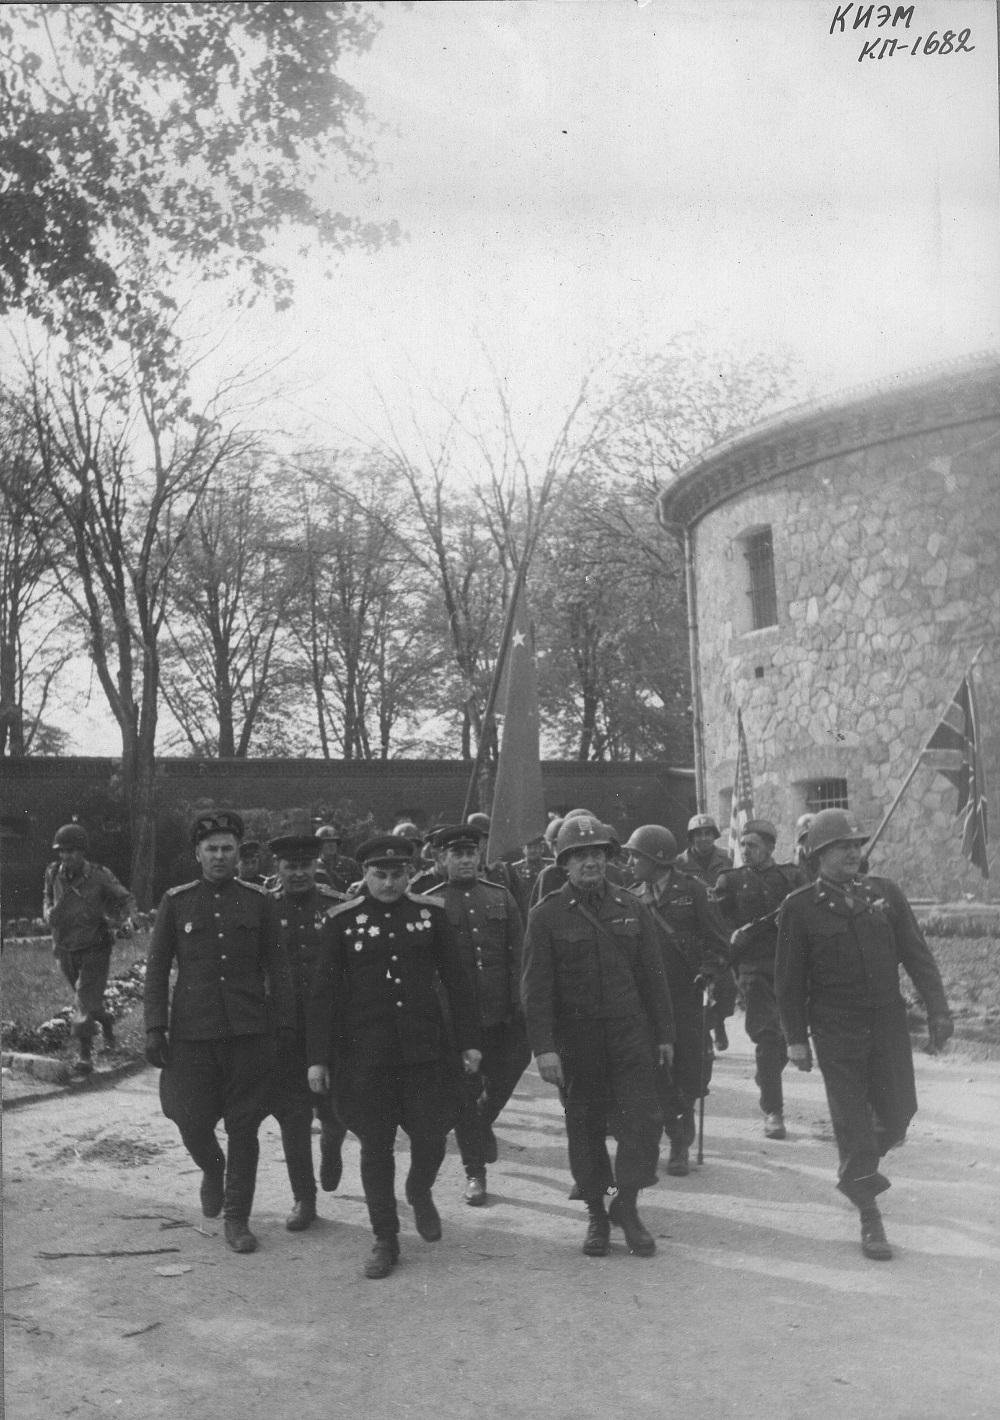 Встреча на Эльбе, советский генерал-майор В.В. Русаков и командир американской армии Эмиль Райнхард.jpeg